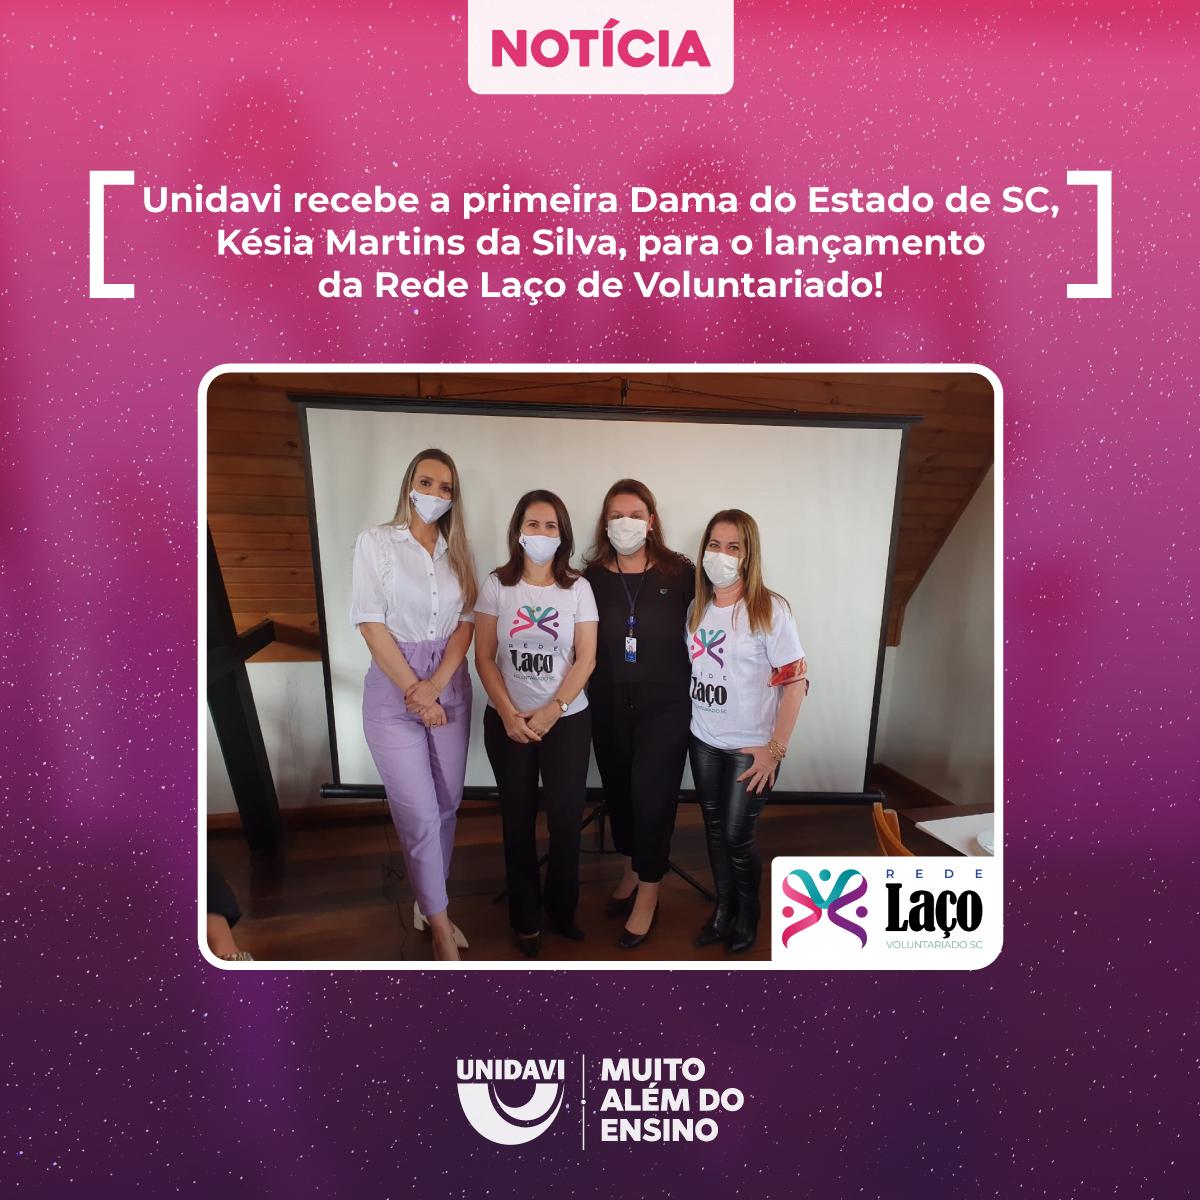 Unidavi recebe a primeira-dama do Estado de Santa Catarina para o lançamento da Rede Laço